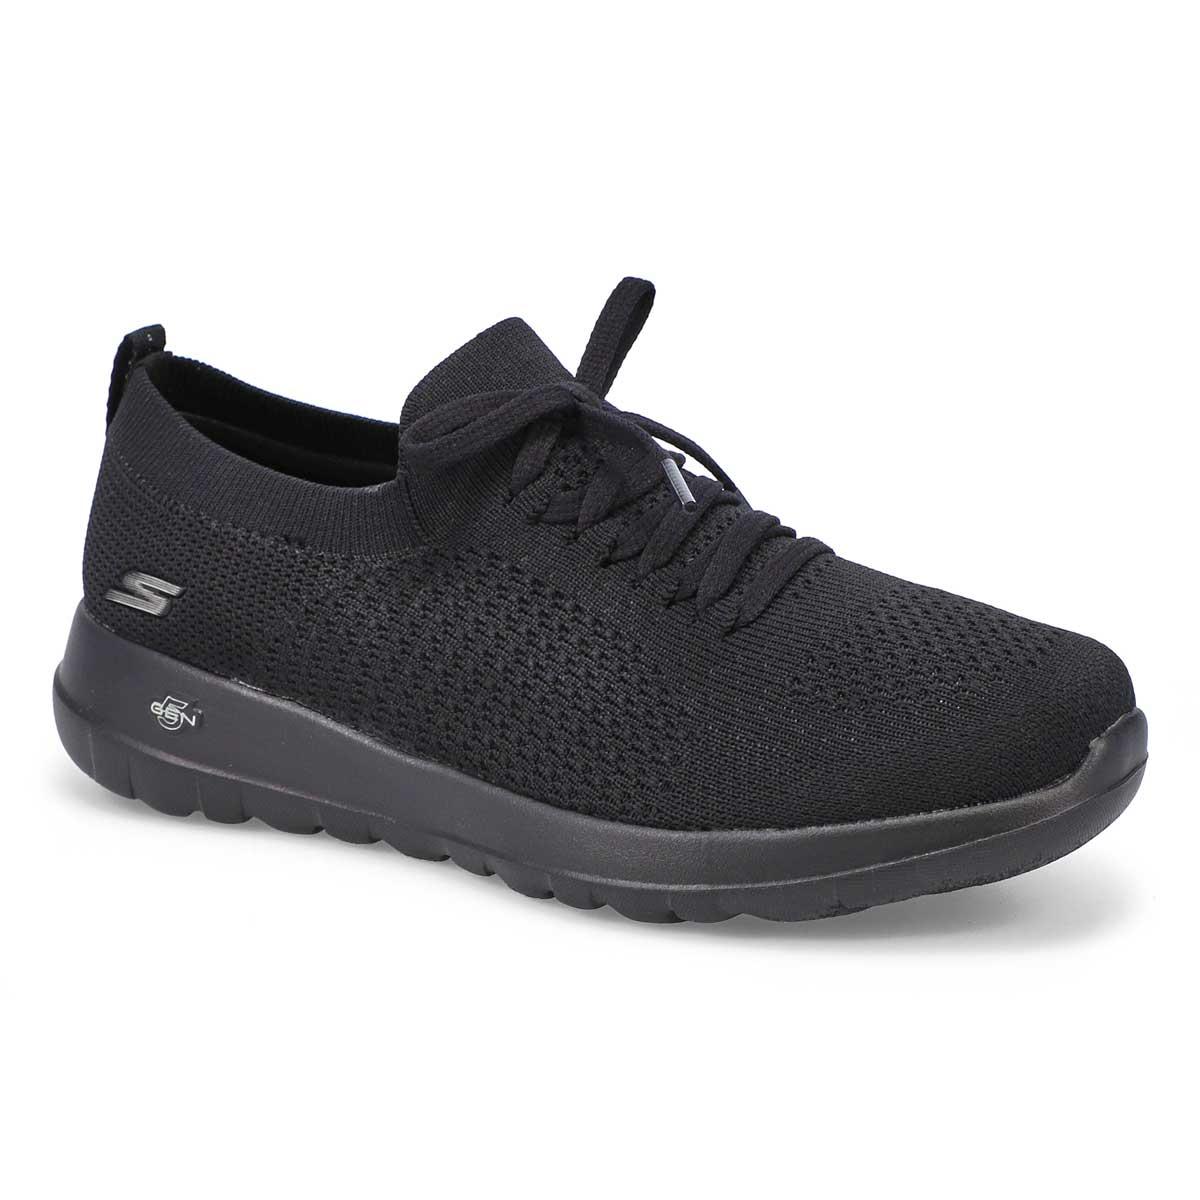 Women's Go Walk Joy Sneaker - Black/Black